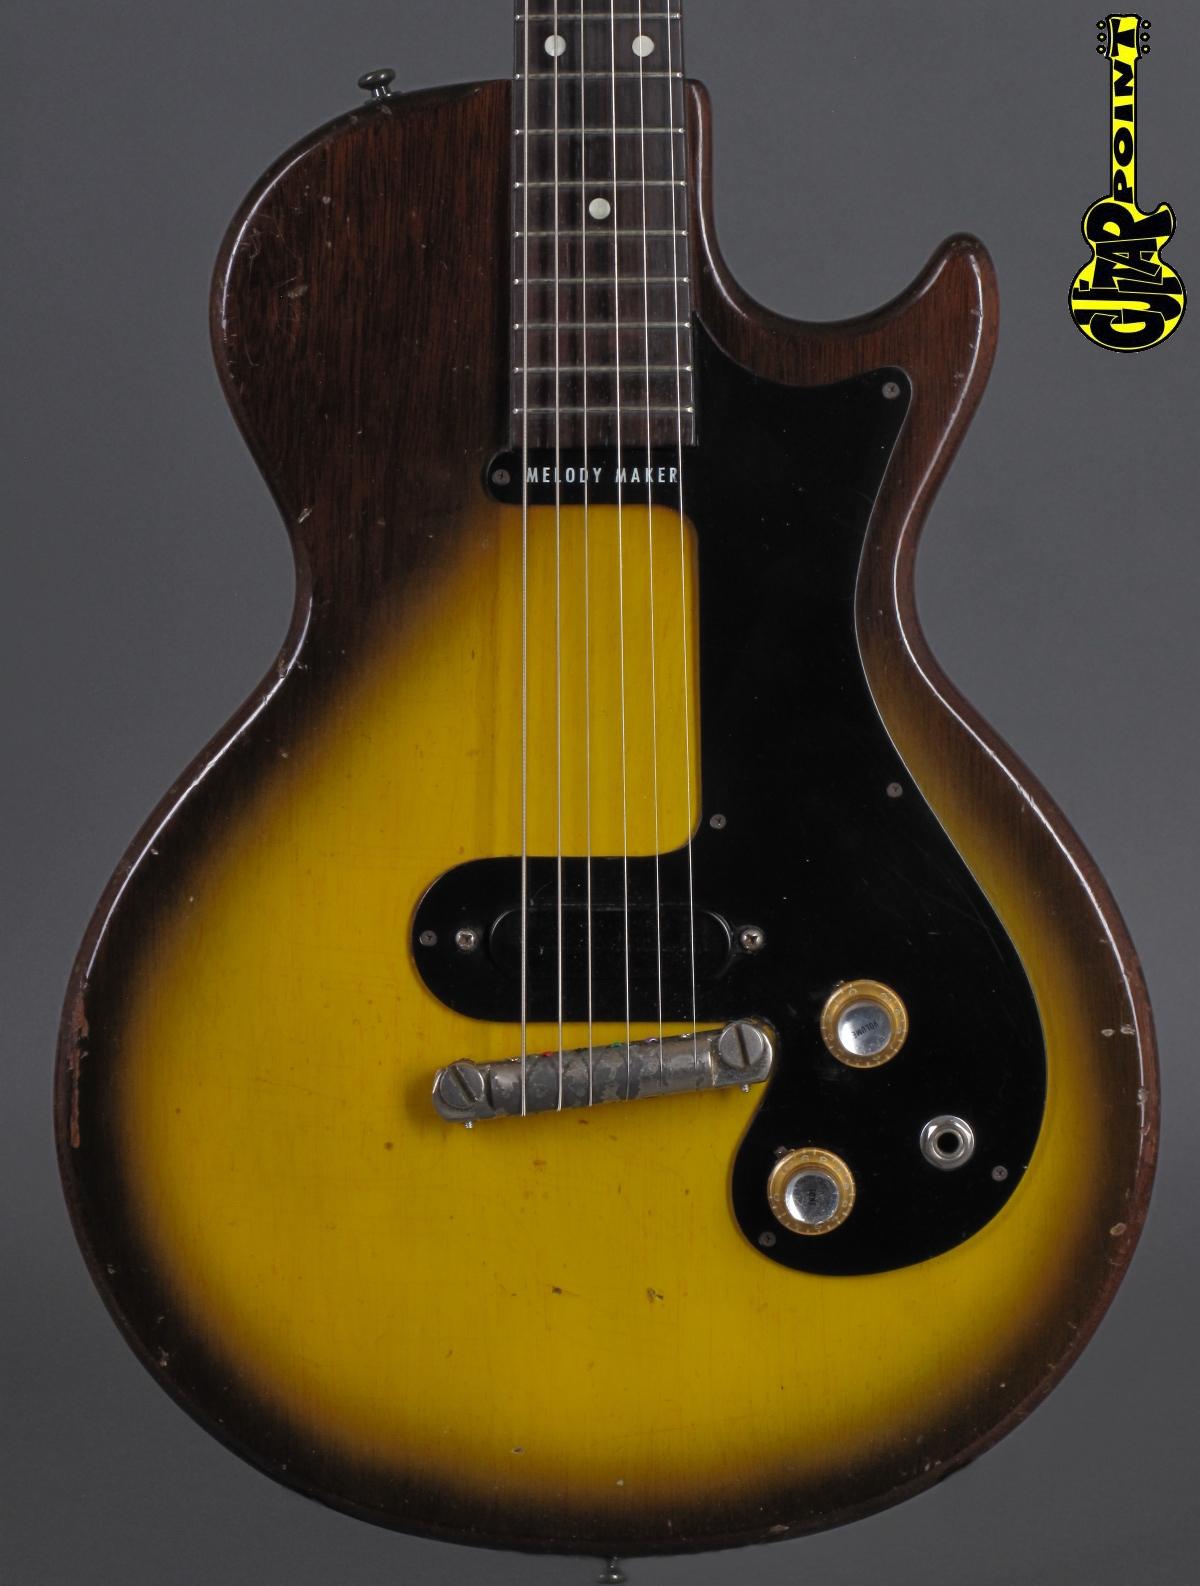 1960 Gibson Melody Maker 3/4 - Sunburst